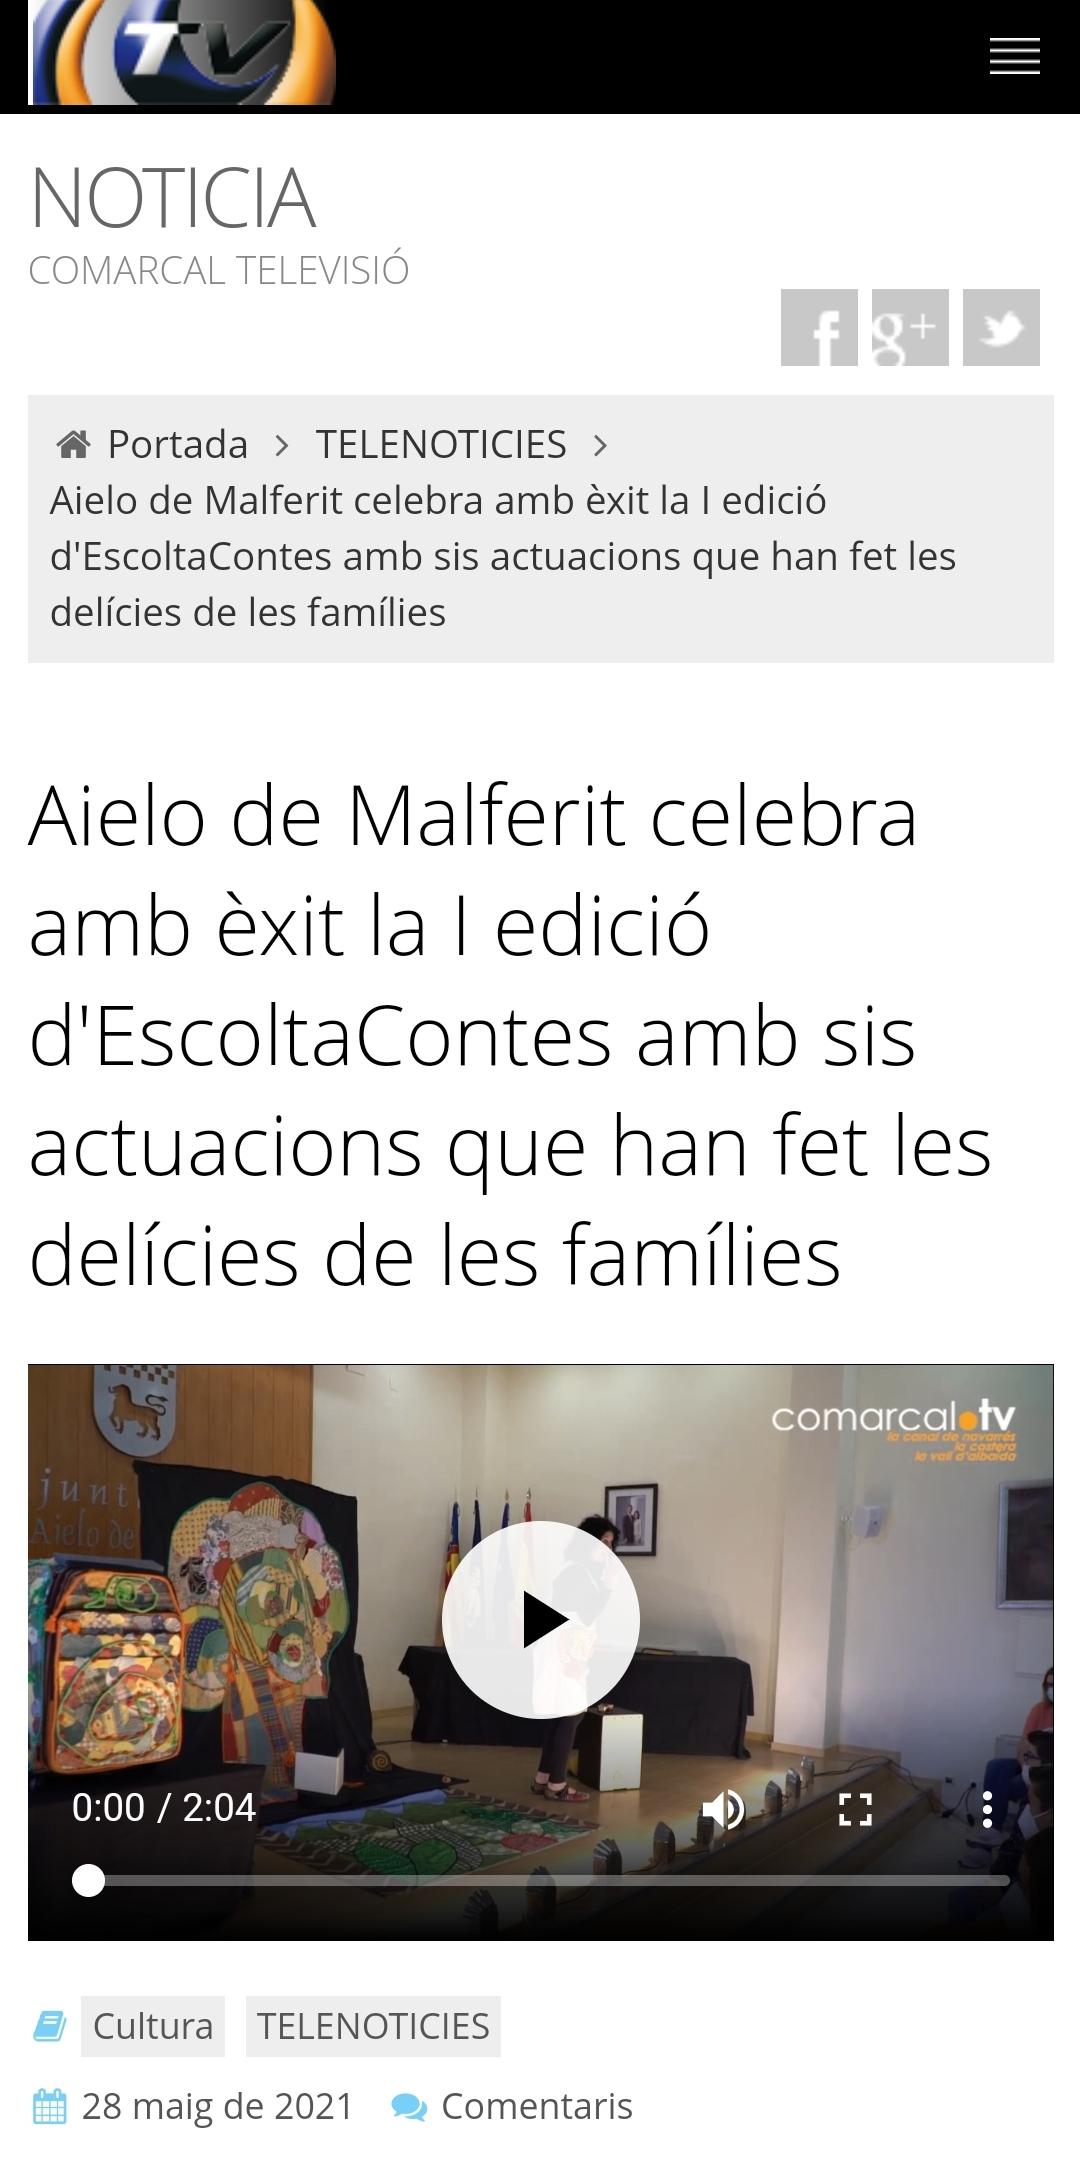 Notícia Comarcal TV: Aielo de Malferit celebra amb èxit la I edició d'EscoltaContes